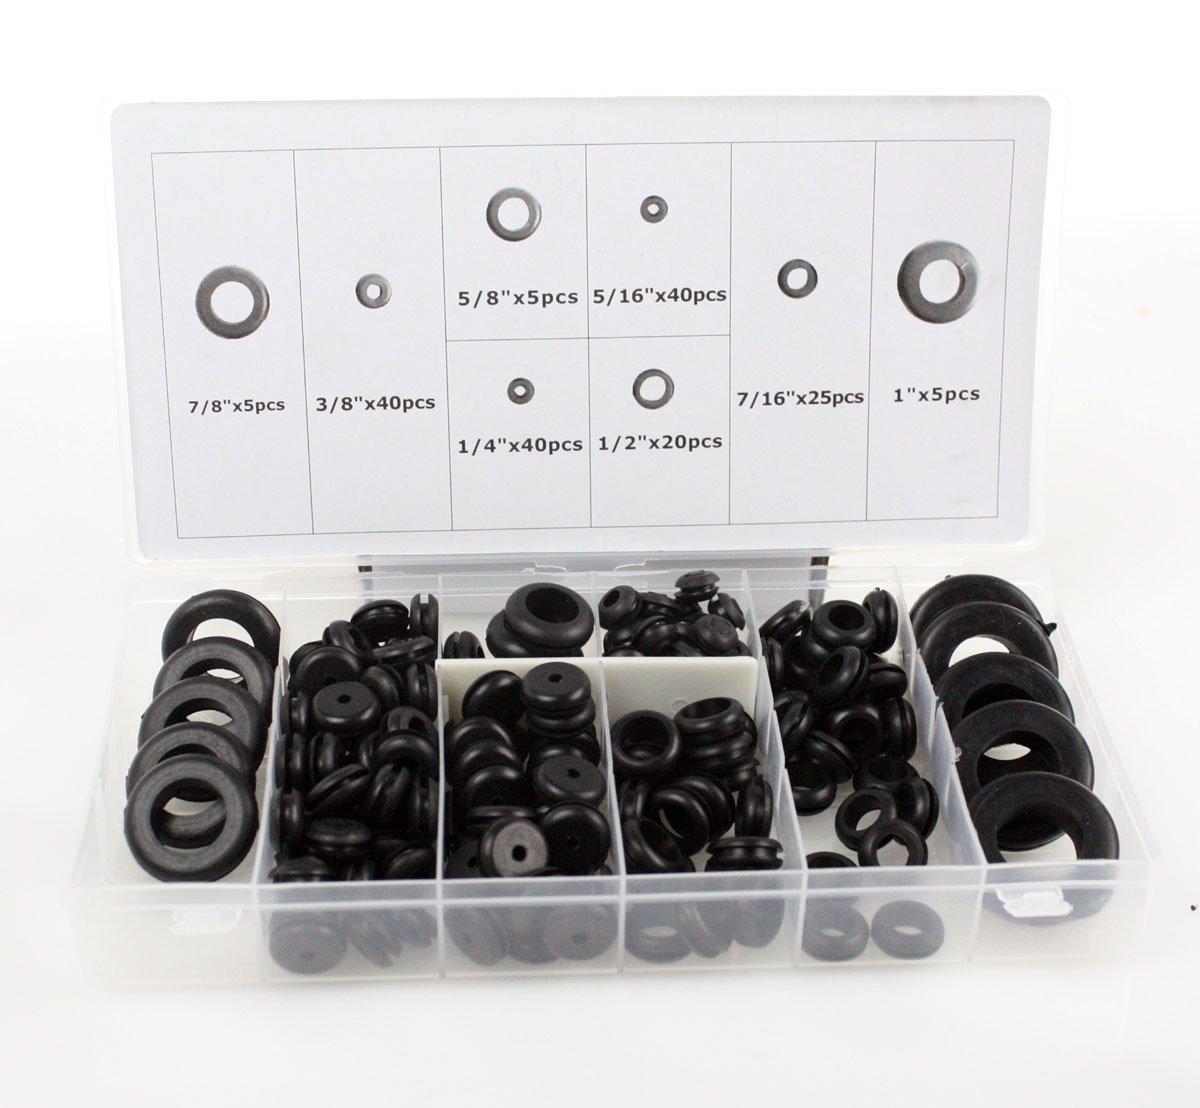 Rubber Grommet Multi Sizes Grommet Gasket for Protect Wire Cable Hose 125pcs//box Delaman Rubber Grommet Kit